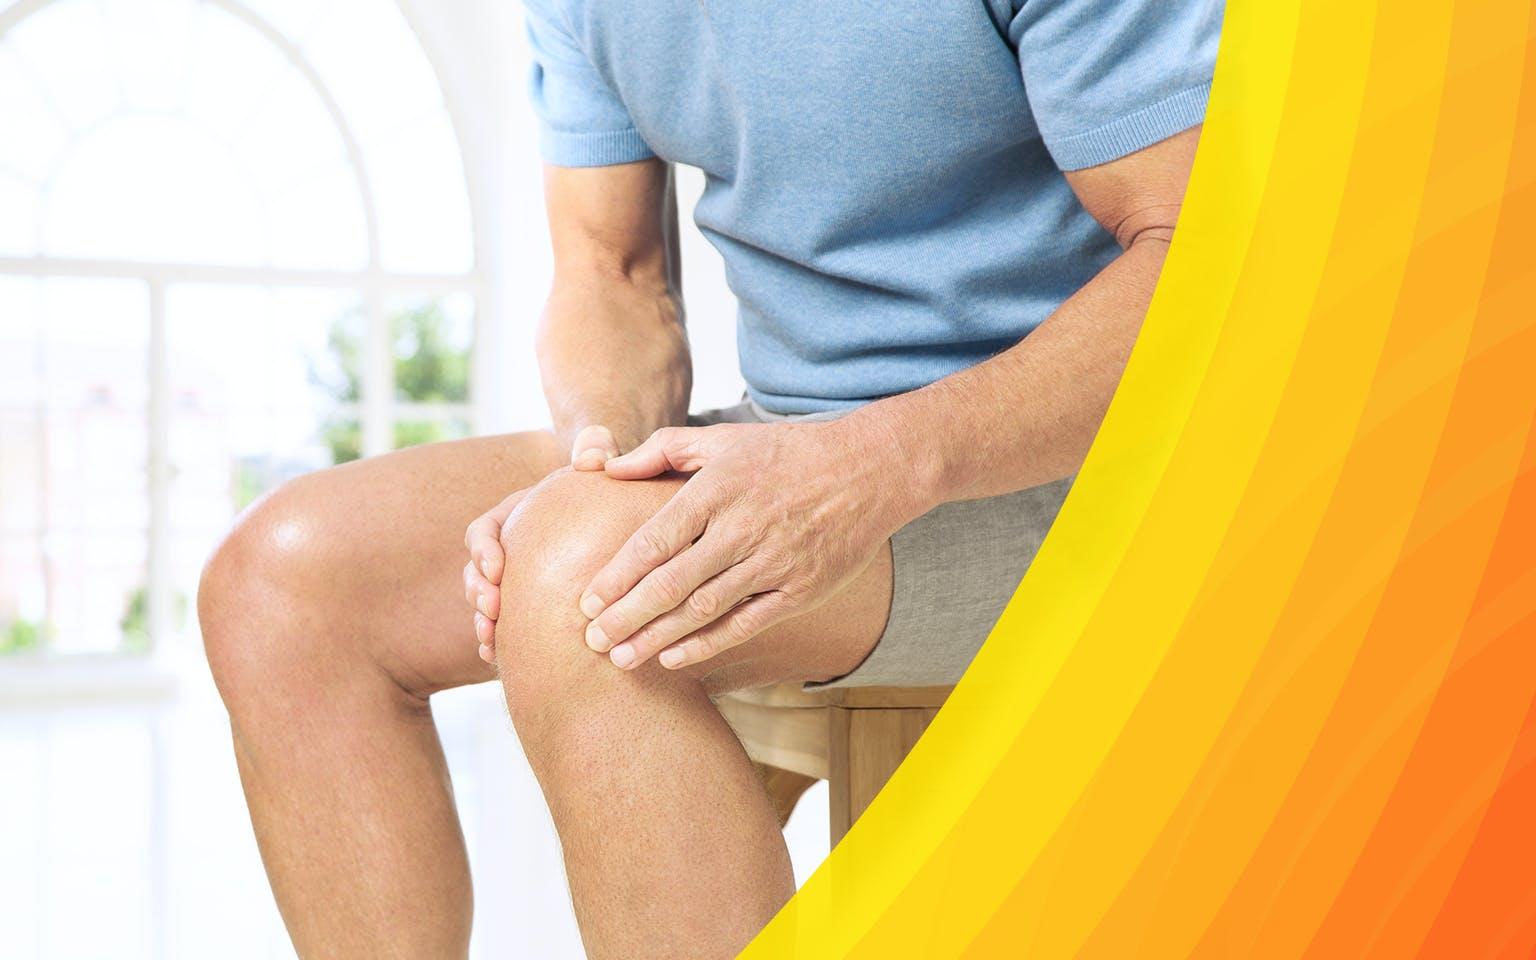 gydymo sąnarių skausmas gydymas sąnarių mokymosi